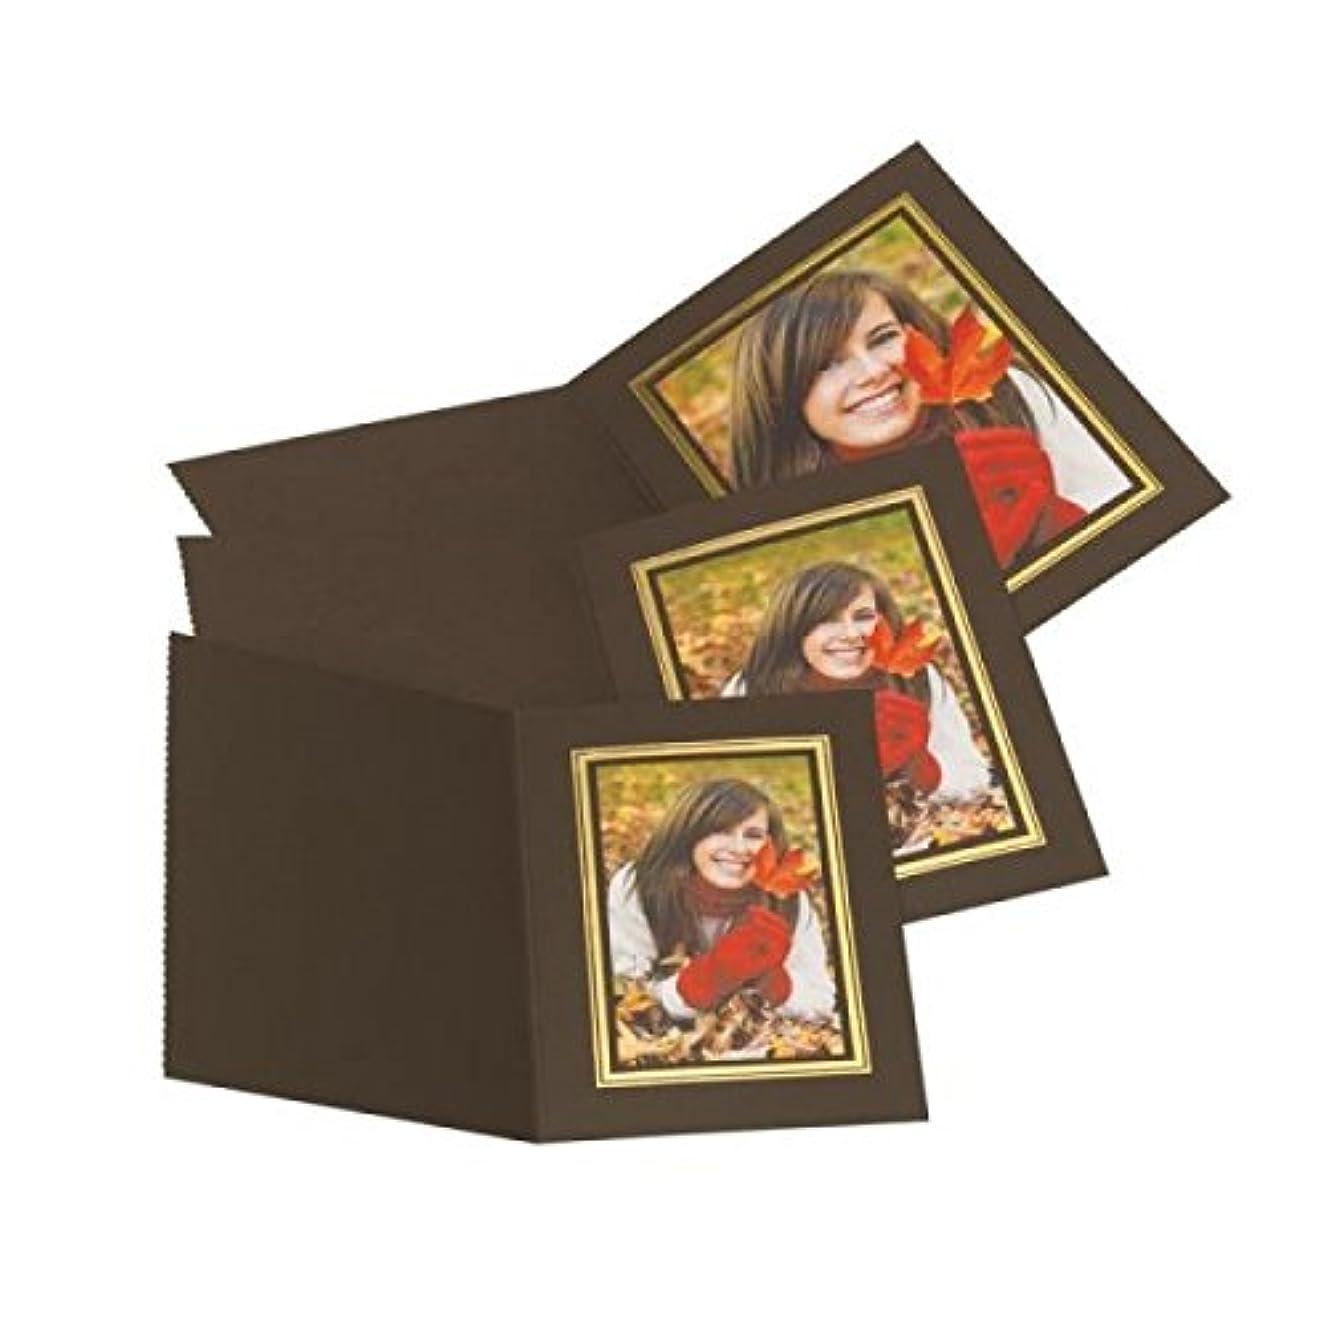 良性ウェイター付属品Kenro Slip In Photo Folder 8x12'' Upright Pack 10 Brown Gold [PMA058/10]